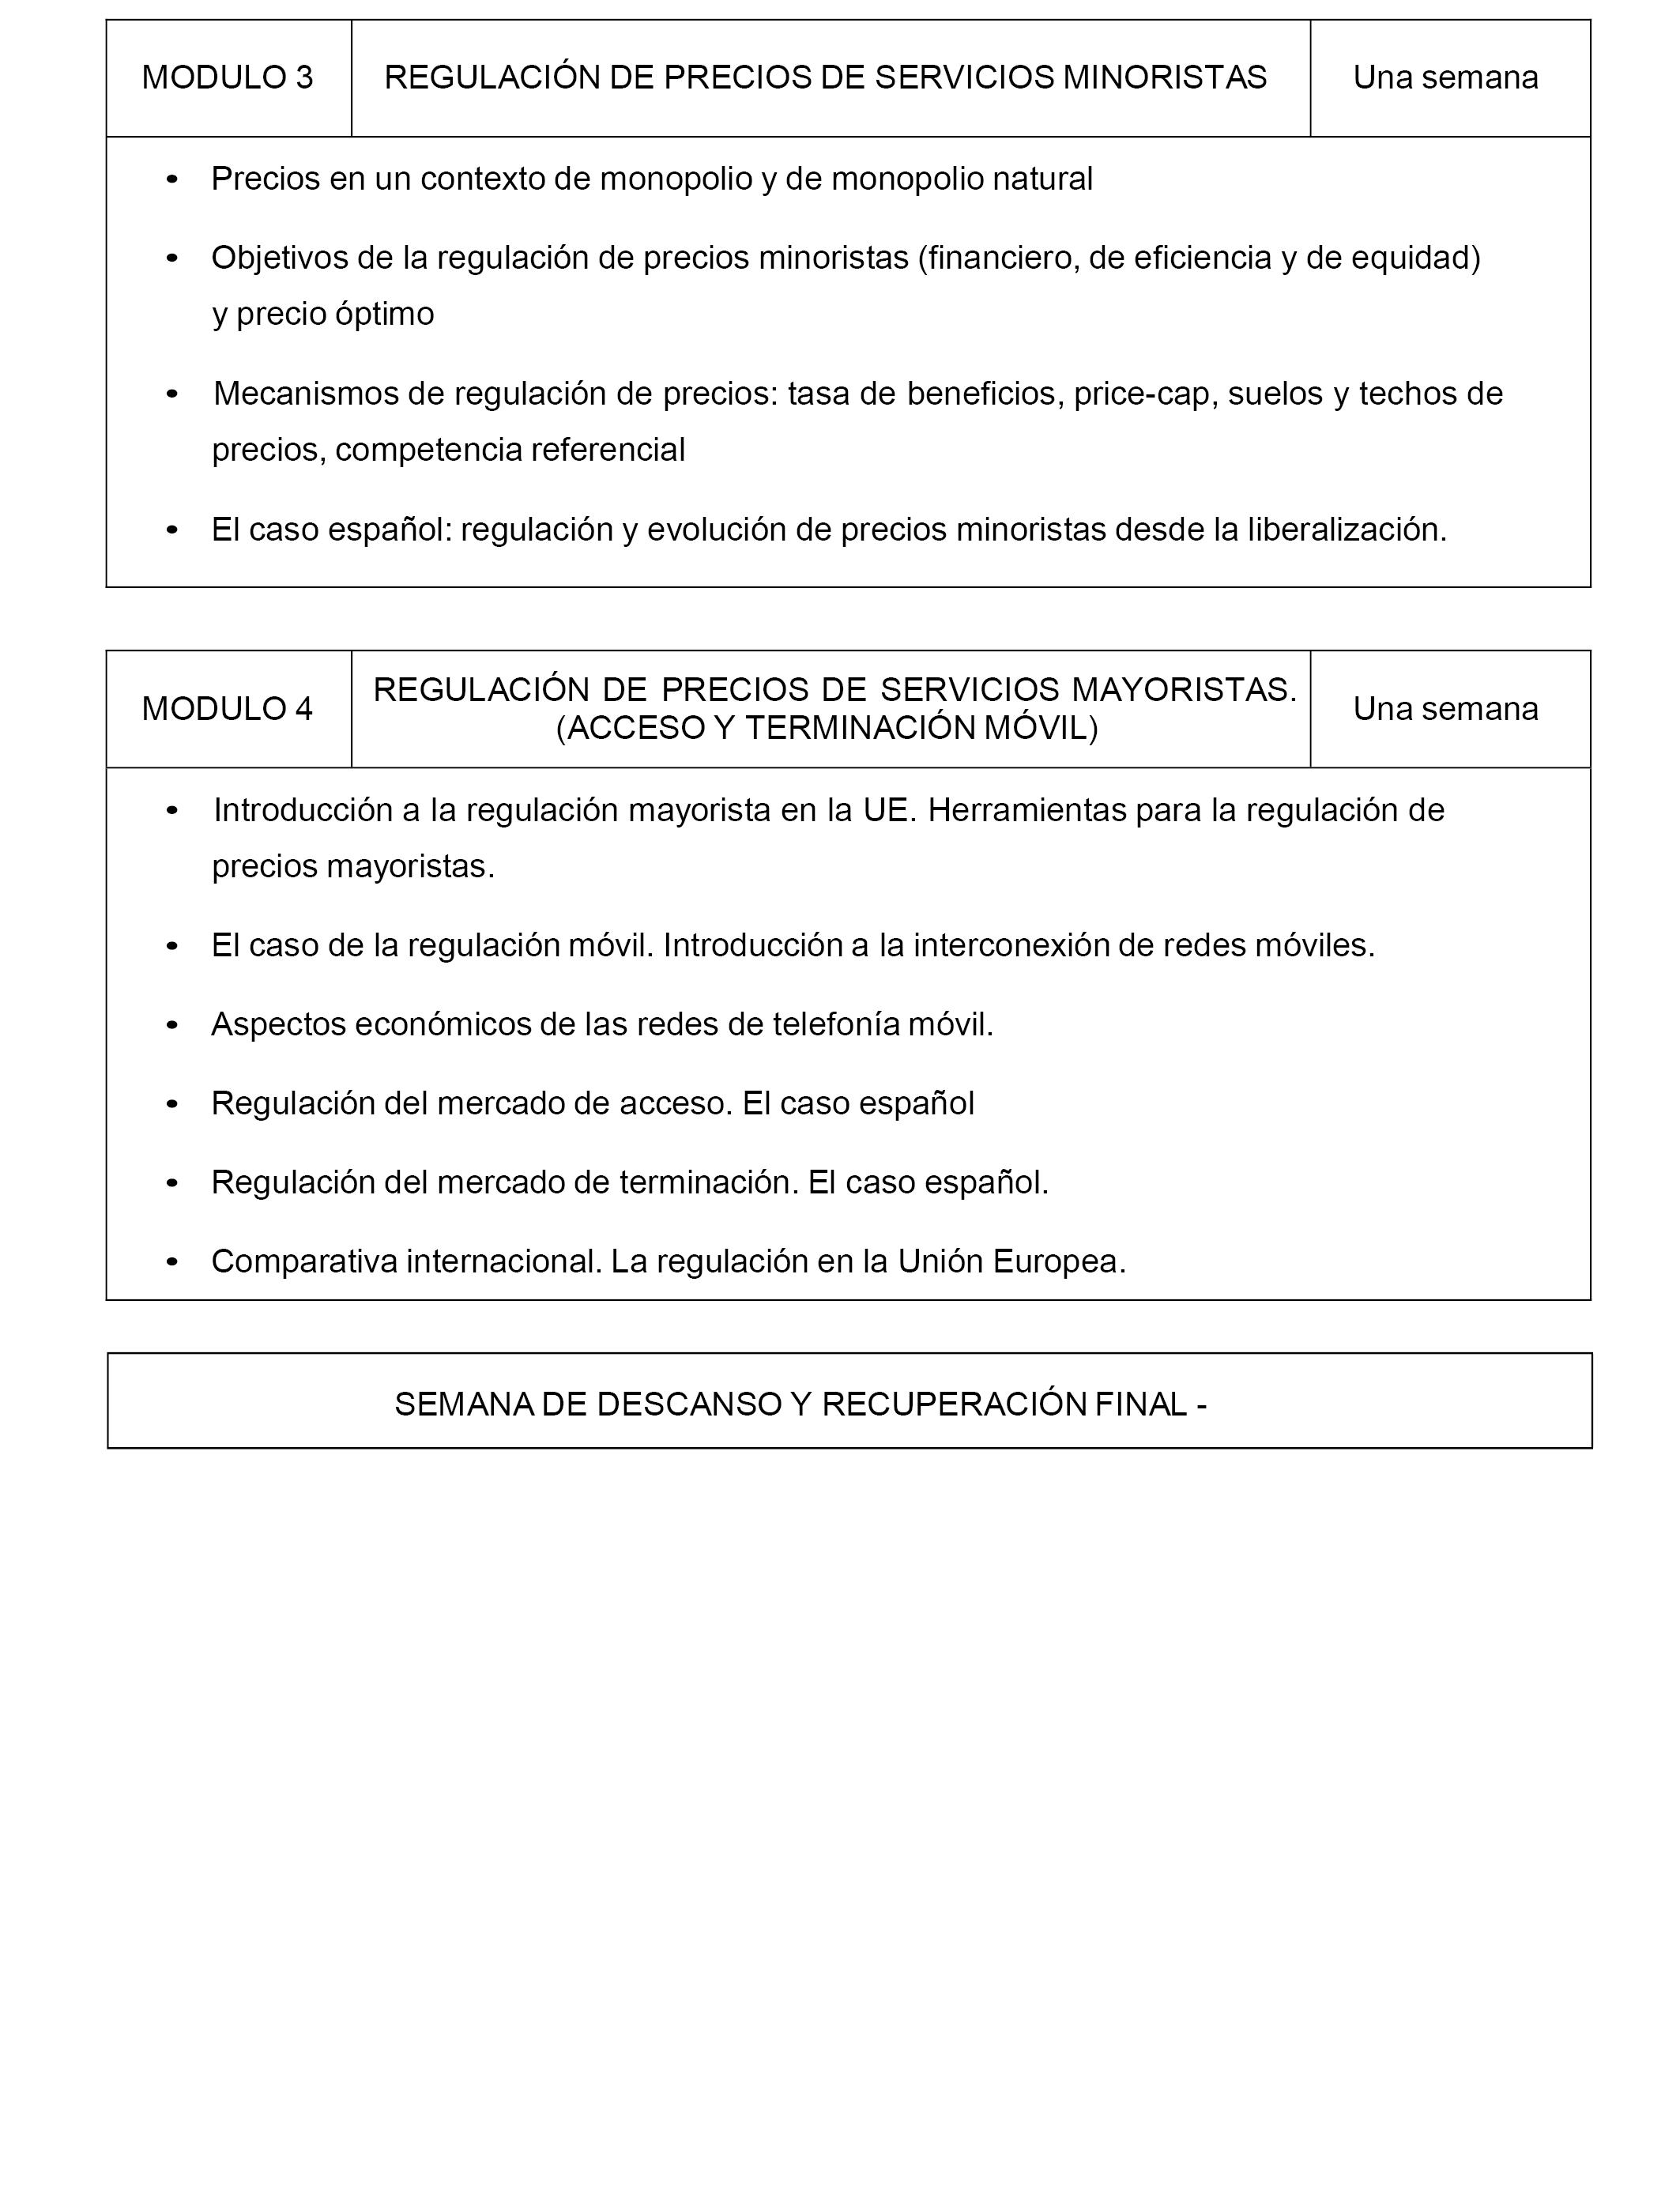 Asombroso Ejemplos De Currículum Laboral Para Minoristas Bosquejo ...